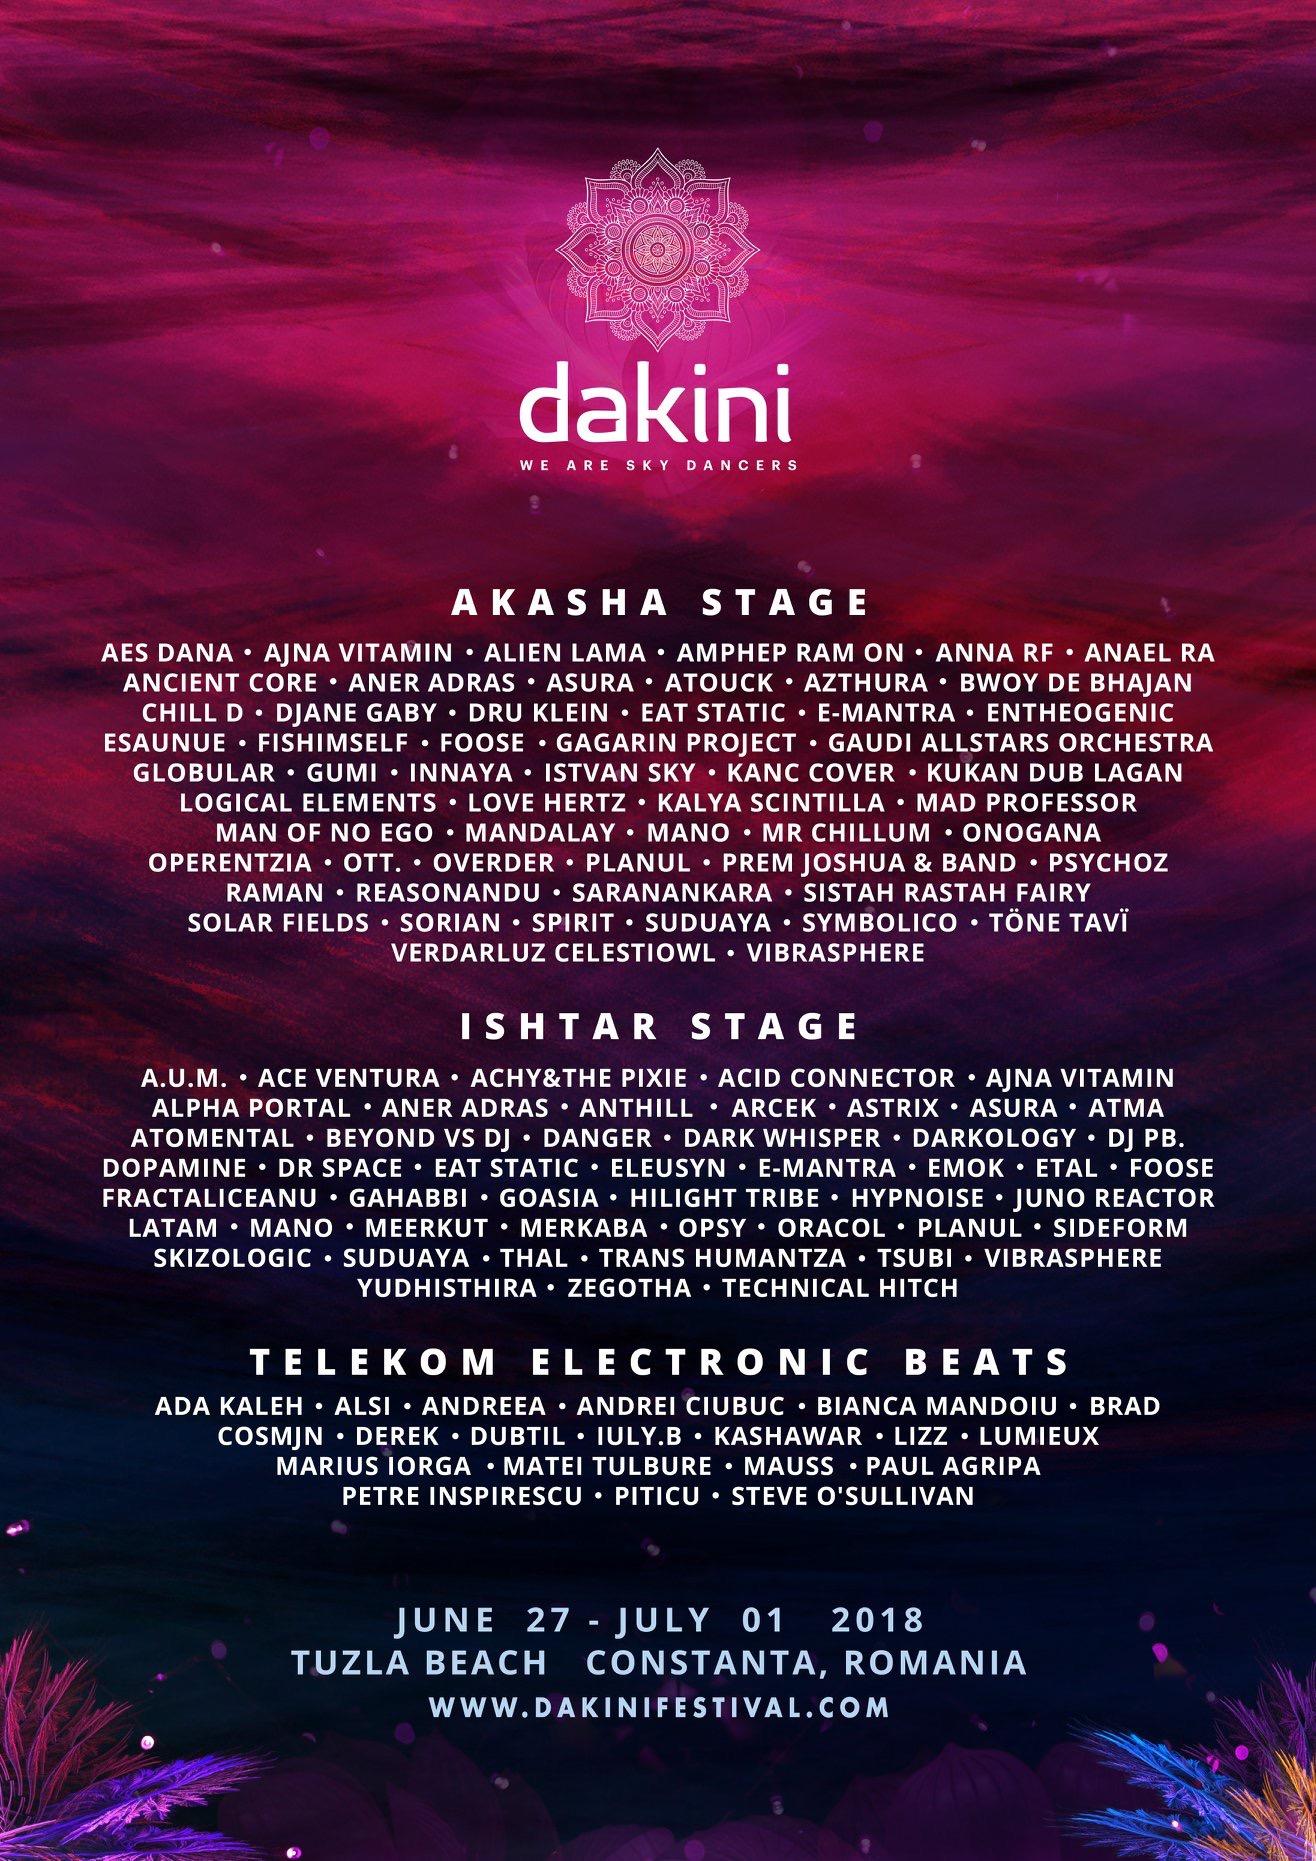 {focus_keyword} DakiniFestival deschide in 3 saptamani poarta marilor evenimente de la malul marii DAKINI final OUTLINE